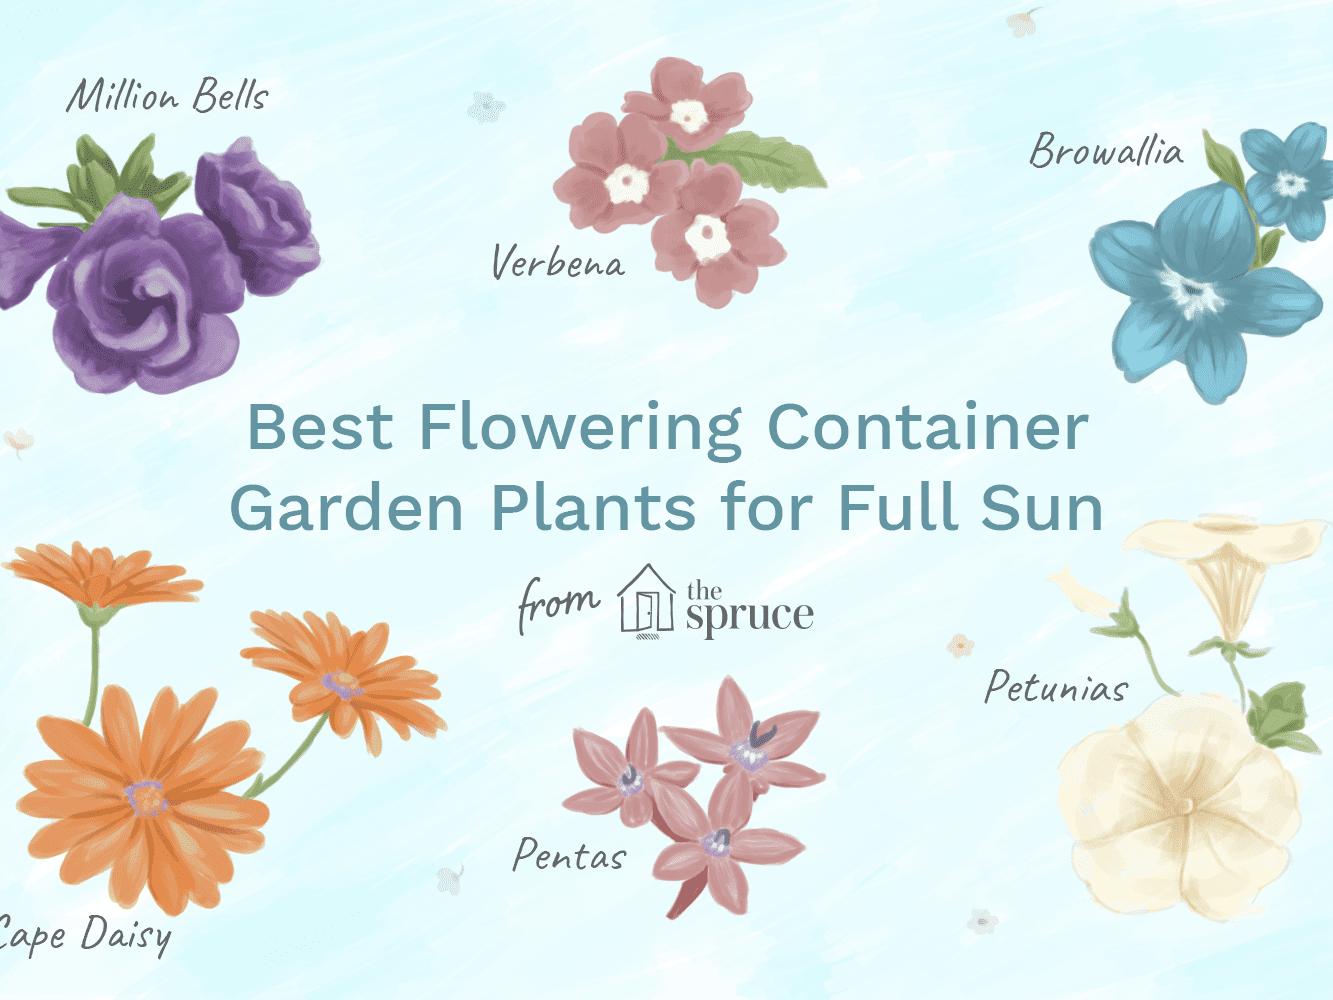 Best Flowering Container Garden Plants